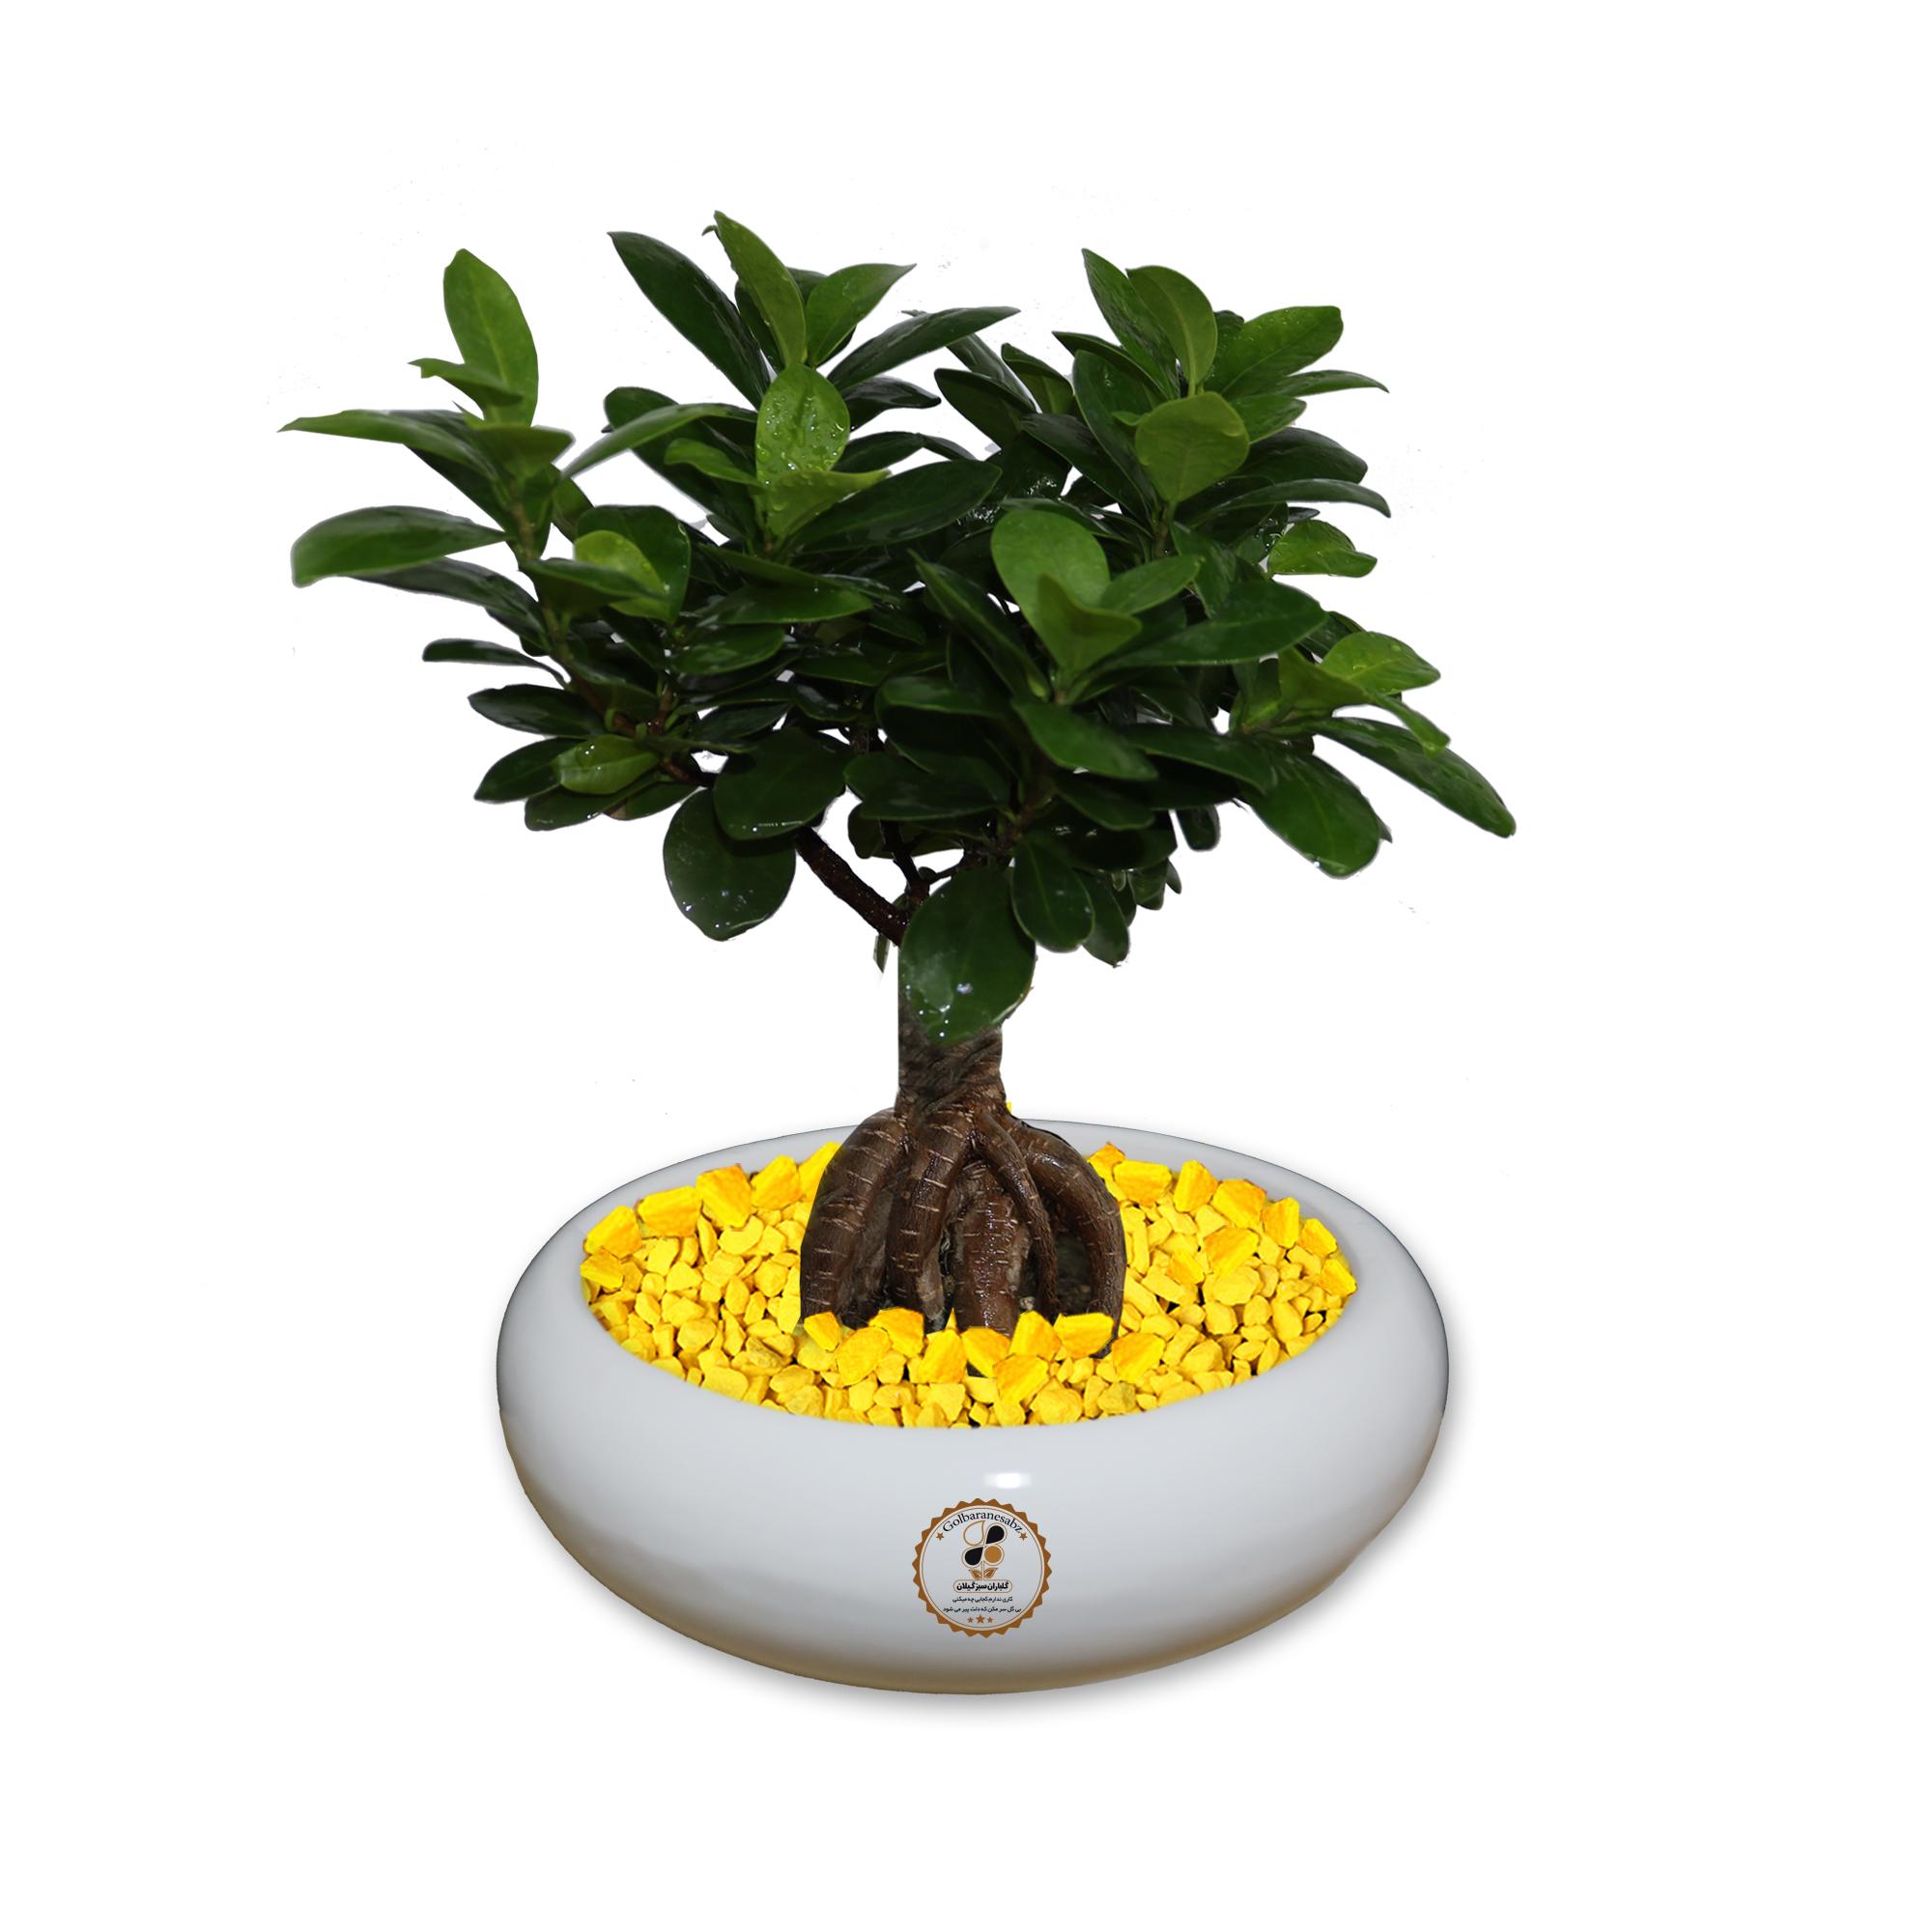 گیاه طبیعی بونسای فیکوس جینسینگ ، رتوزا گلباران سبز گیلان مدل GNB1-FG2